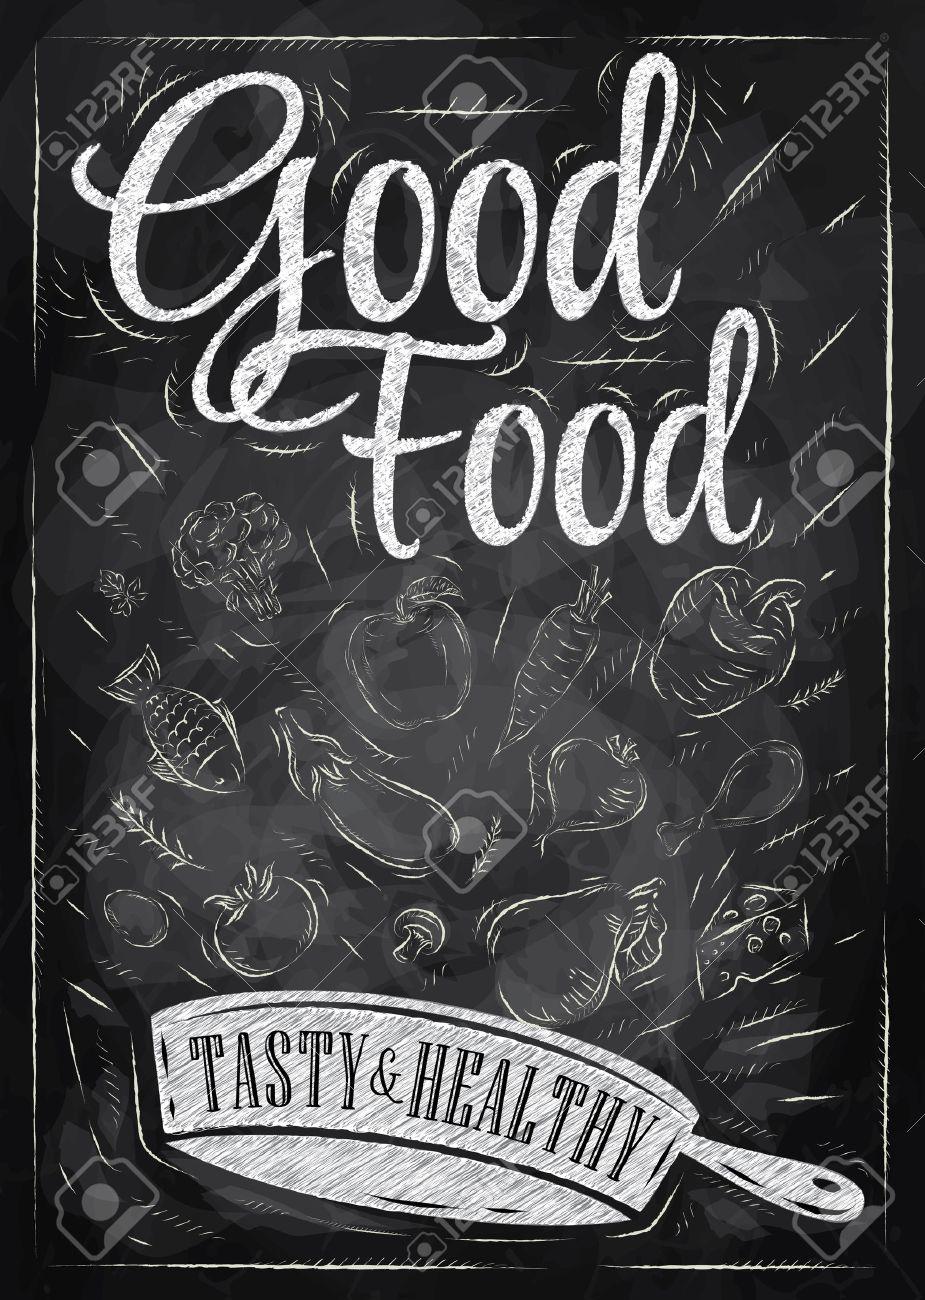 archivio fotografico poster buona cucina con padella in cui i prodotti volano disegno stilizzato con il gesso sulla lavagna